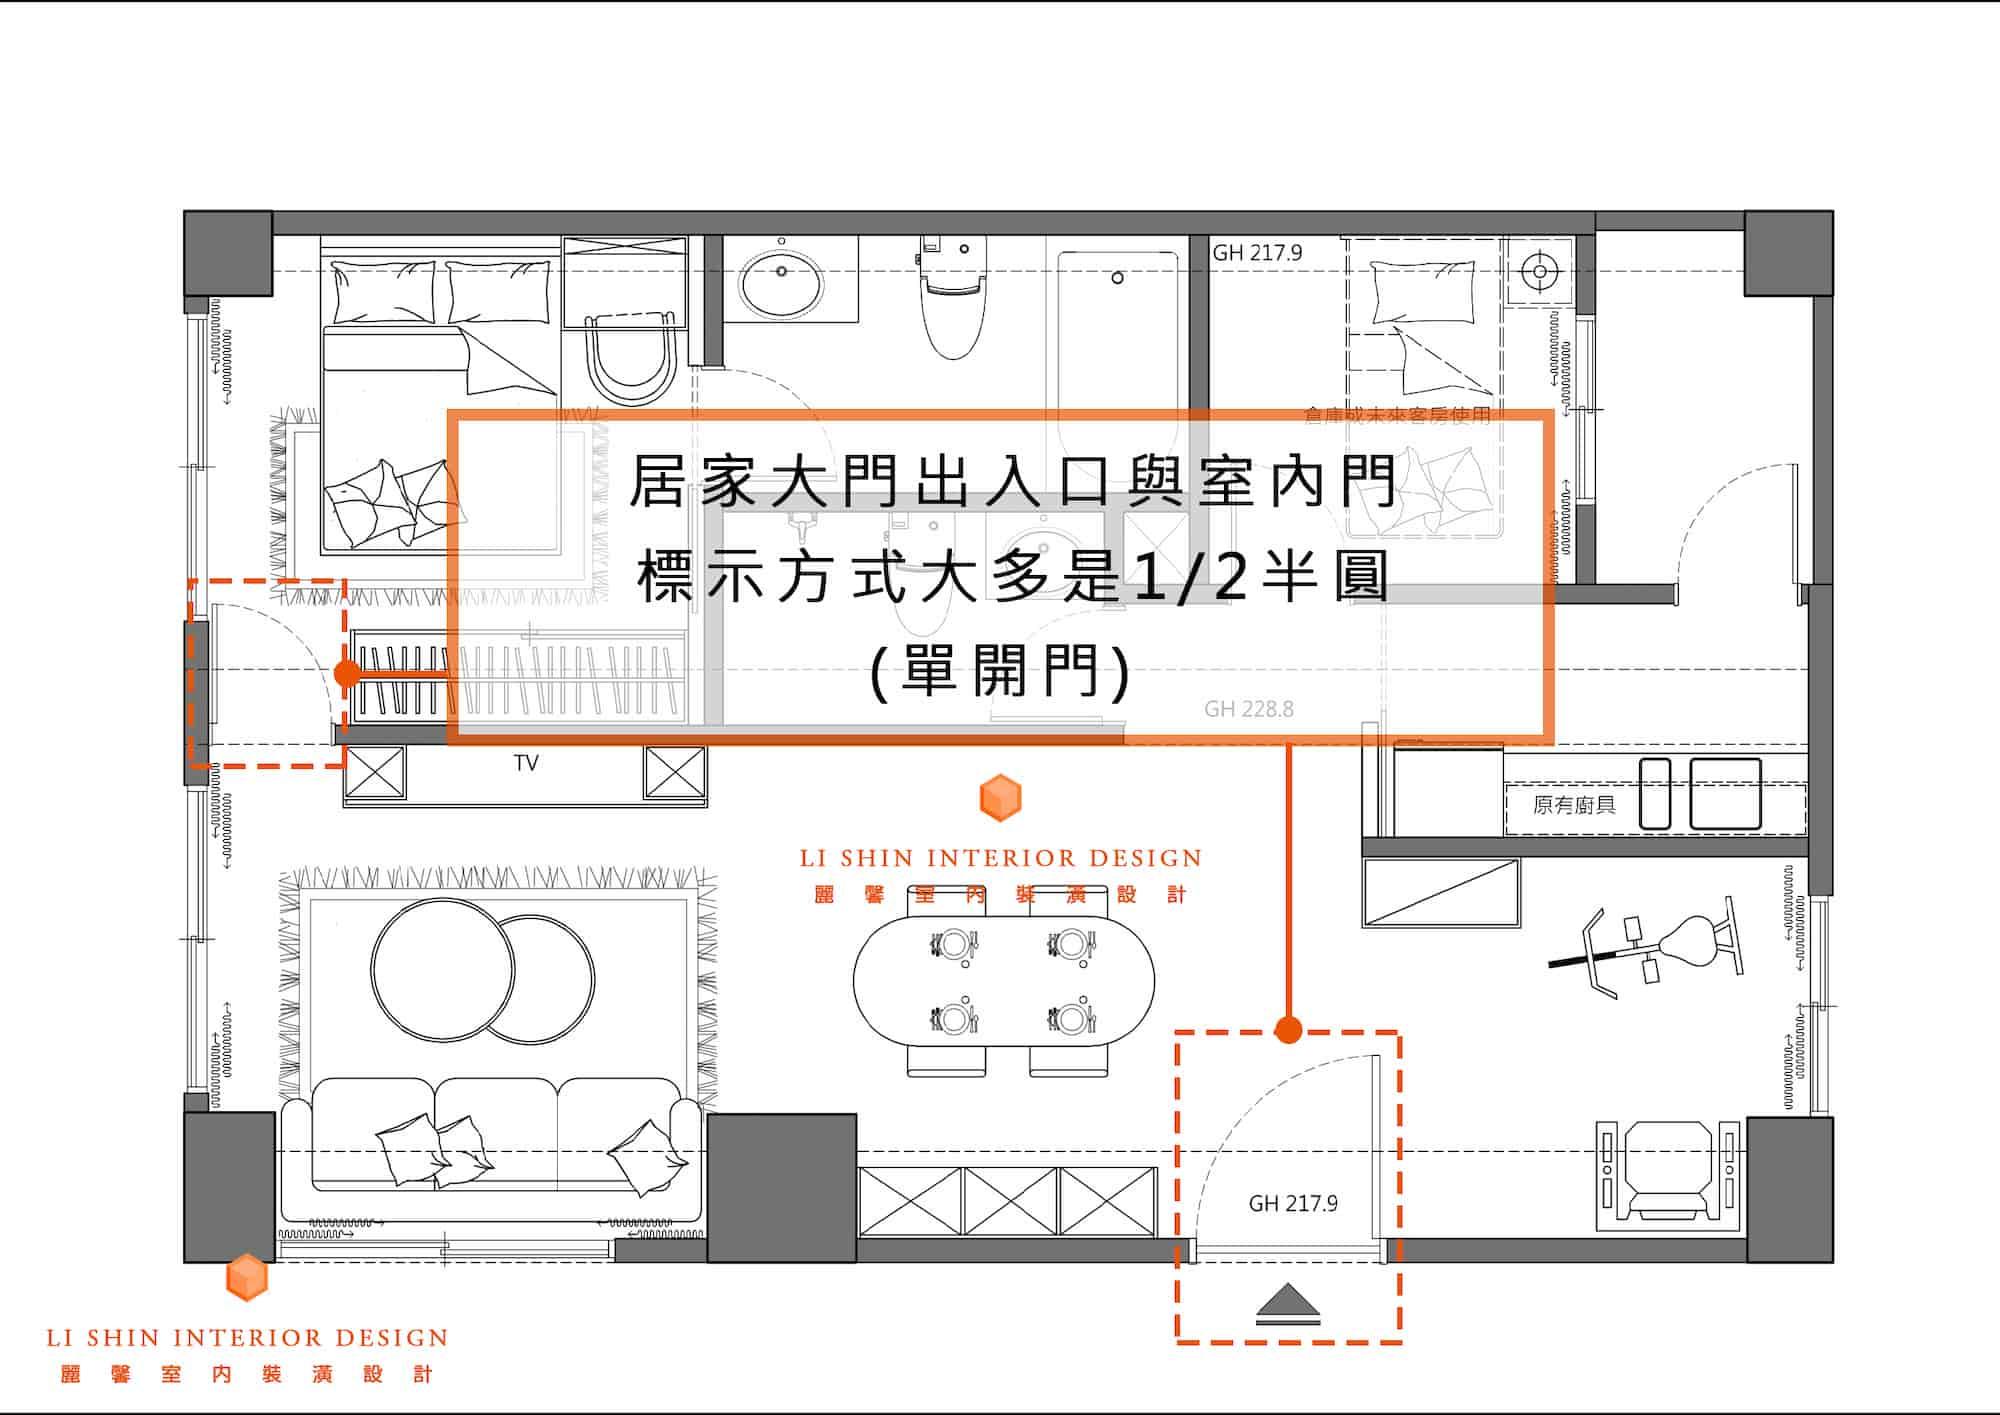 居家大門(單開門)出入口與室內門標示方法大多是1/2半圓